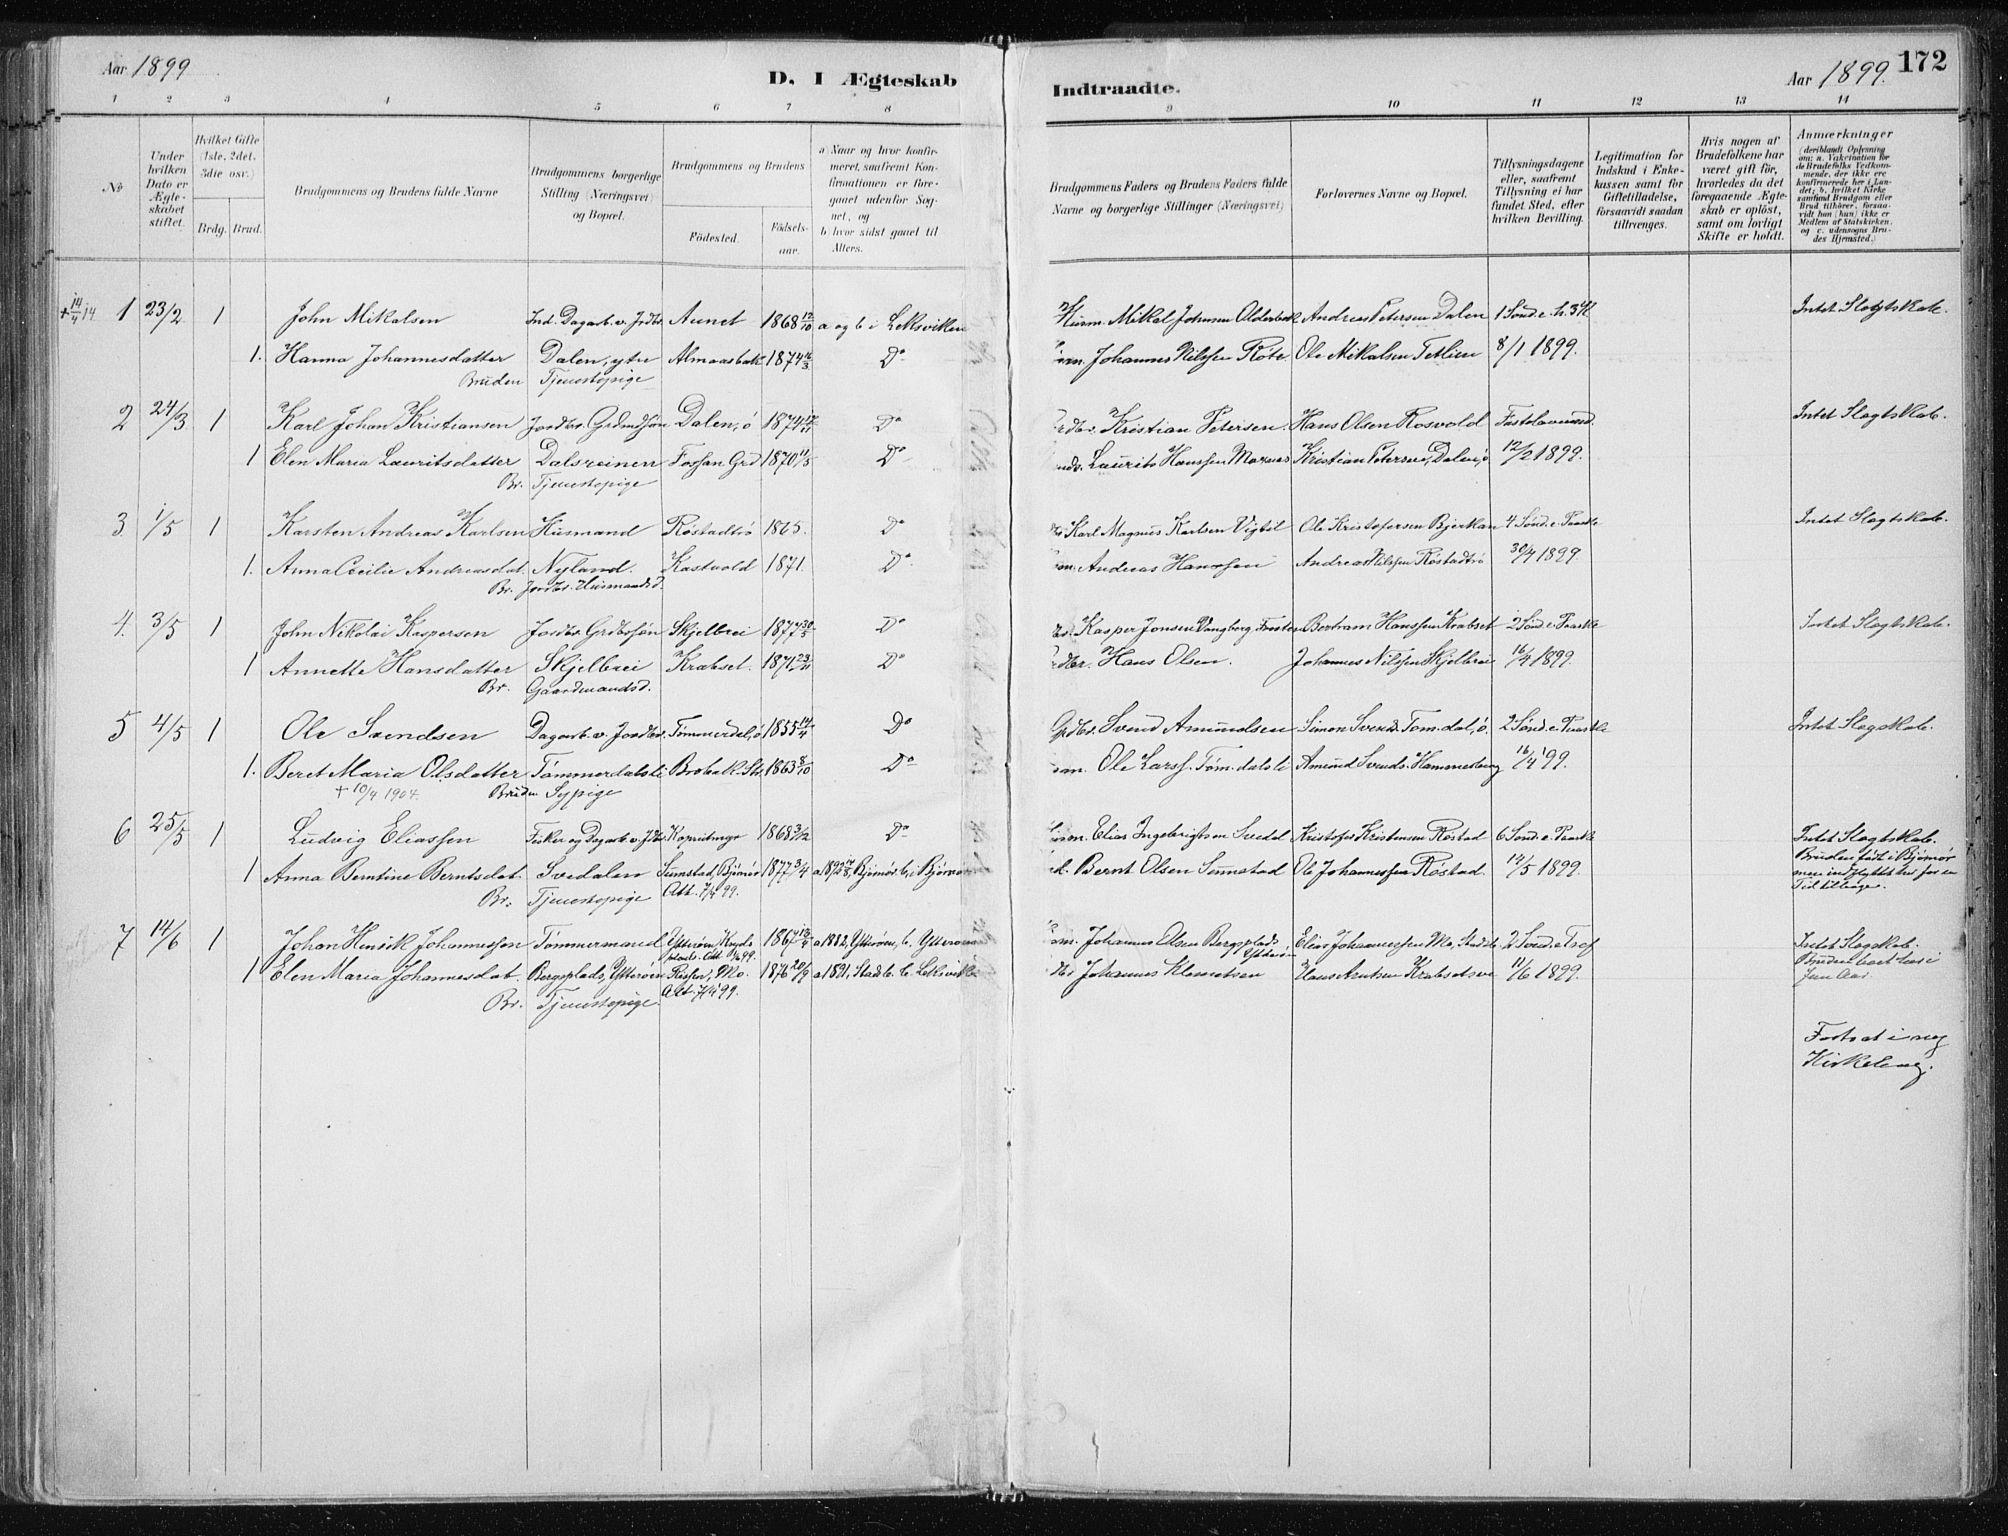 SAT, Ministerialprotokoller, klokkerbøker og fødselsregistre - Nord-Trøndelag, 701/L0010: Ministerialbok nr. 701A10, 1883-1899, s. 172